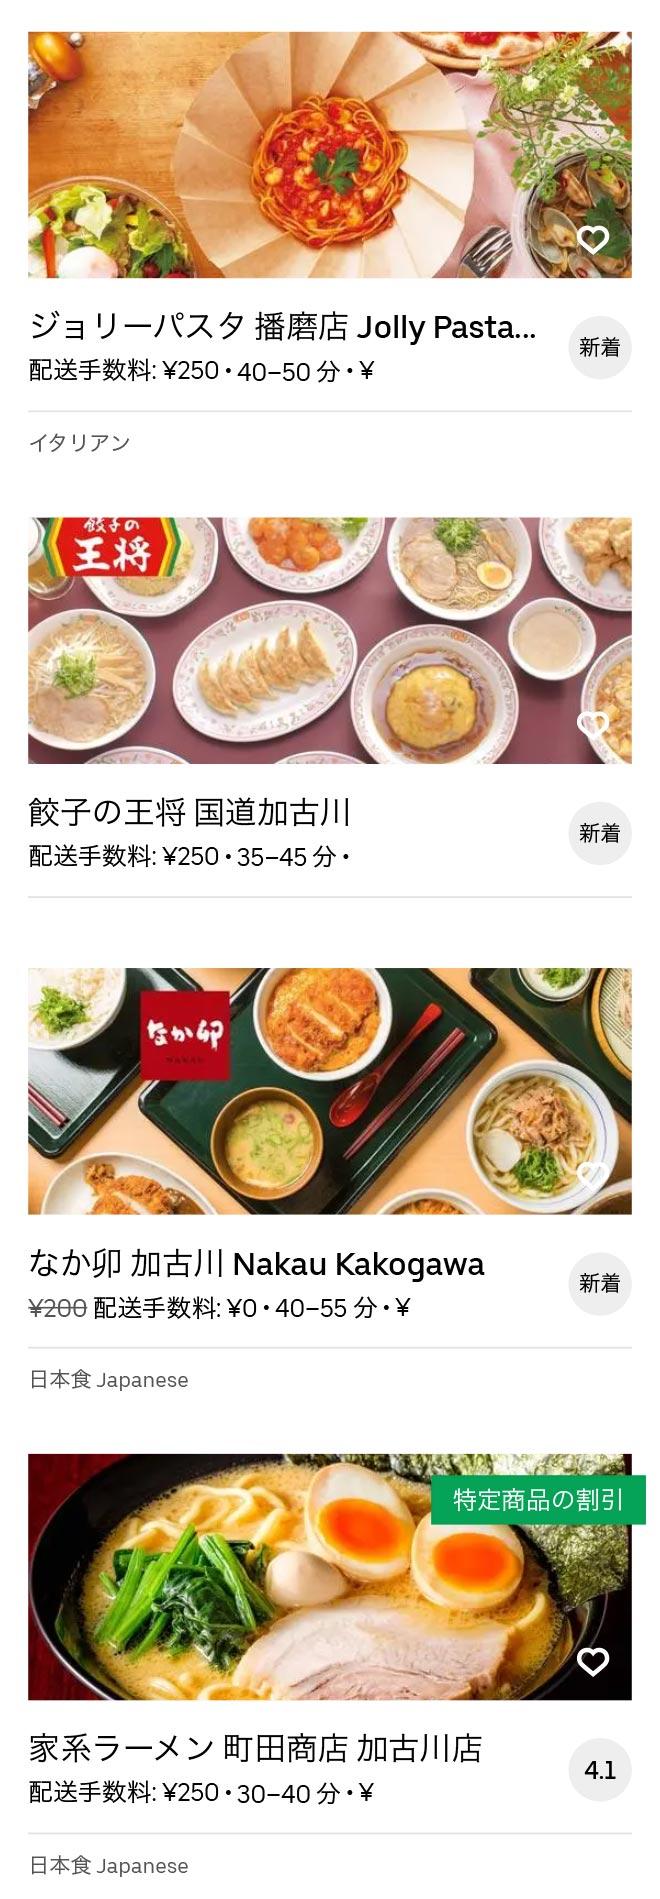 Kakogaw befu menu 2010 4